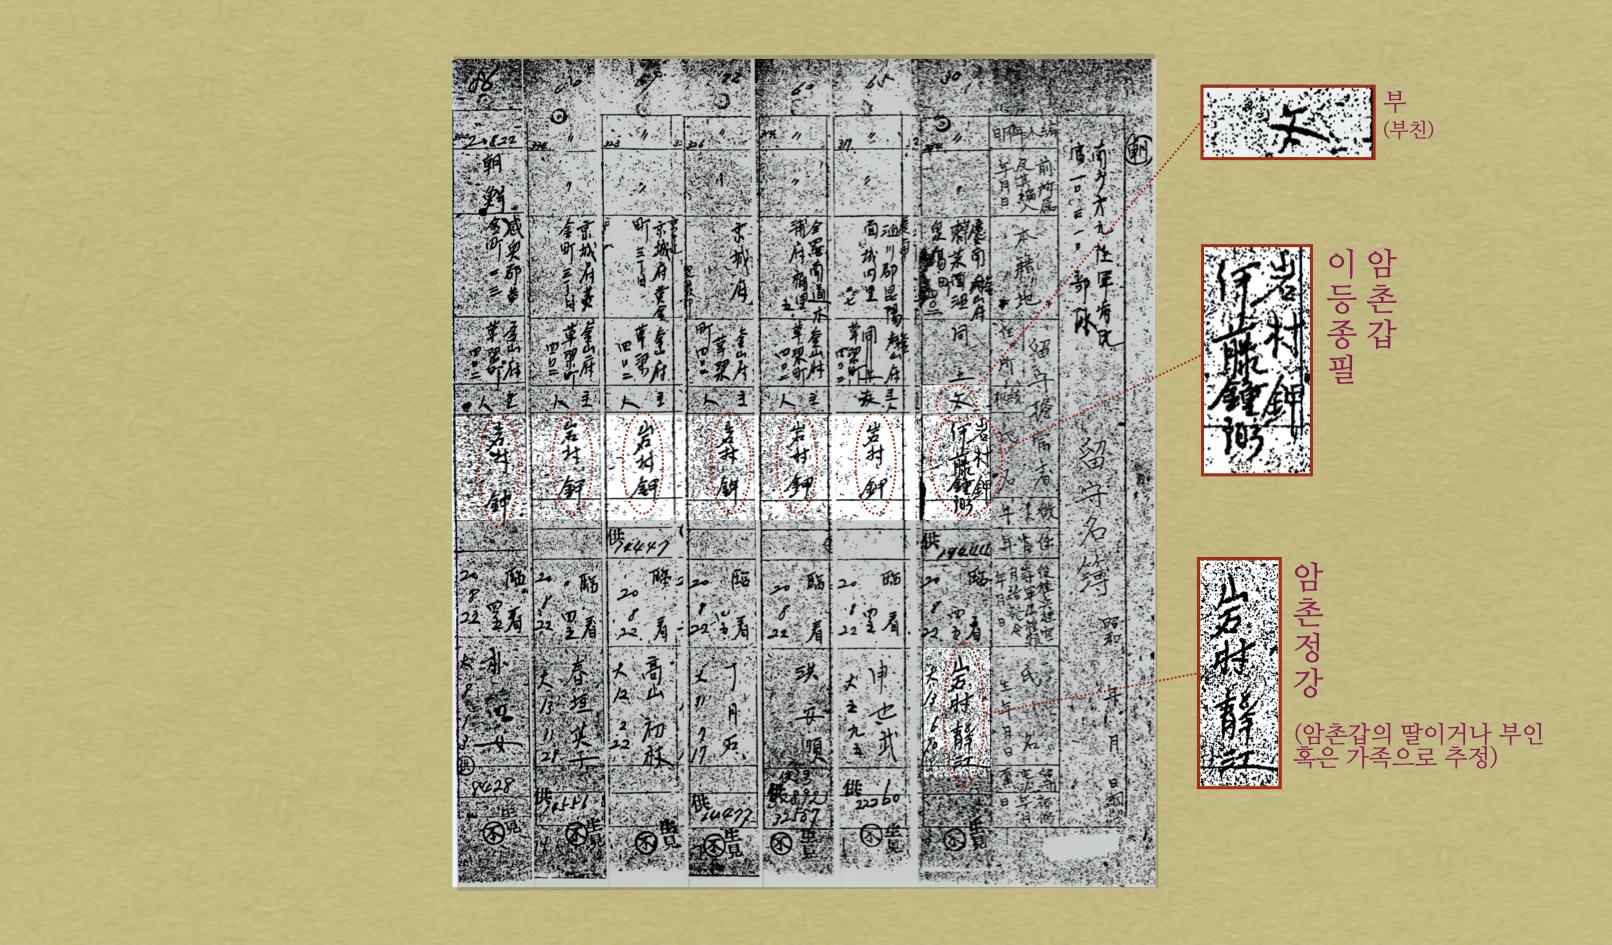 <그림 2> 동원업자 암촌갑이 기록된 부분을 중심으로 편집한 명부 자료